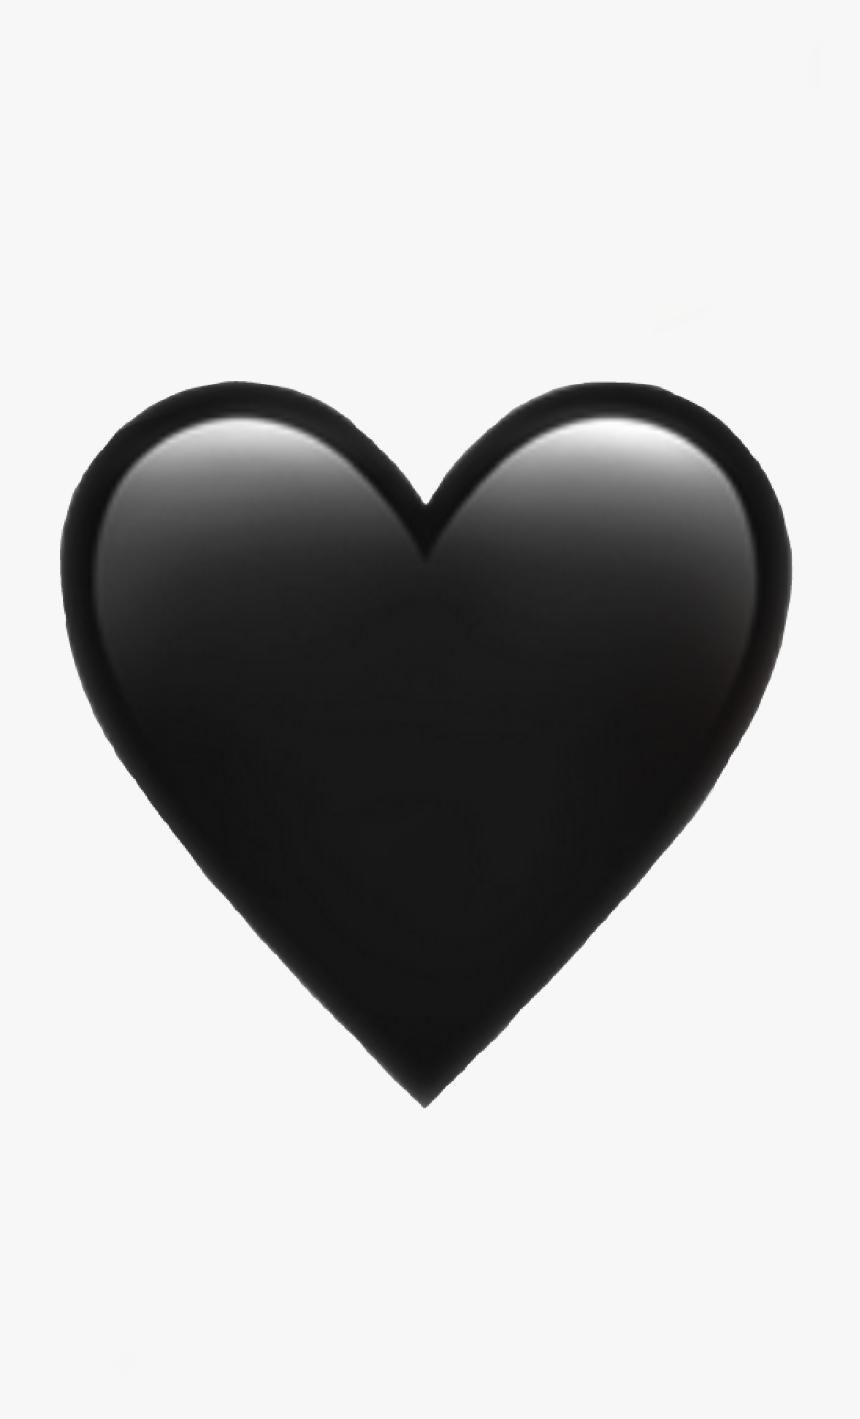 #heart #emoji #iphone #black #emojiiphone #iphoneemoji - Iphone Black Heart Emoji, HD Png Download, Free Download